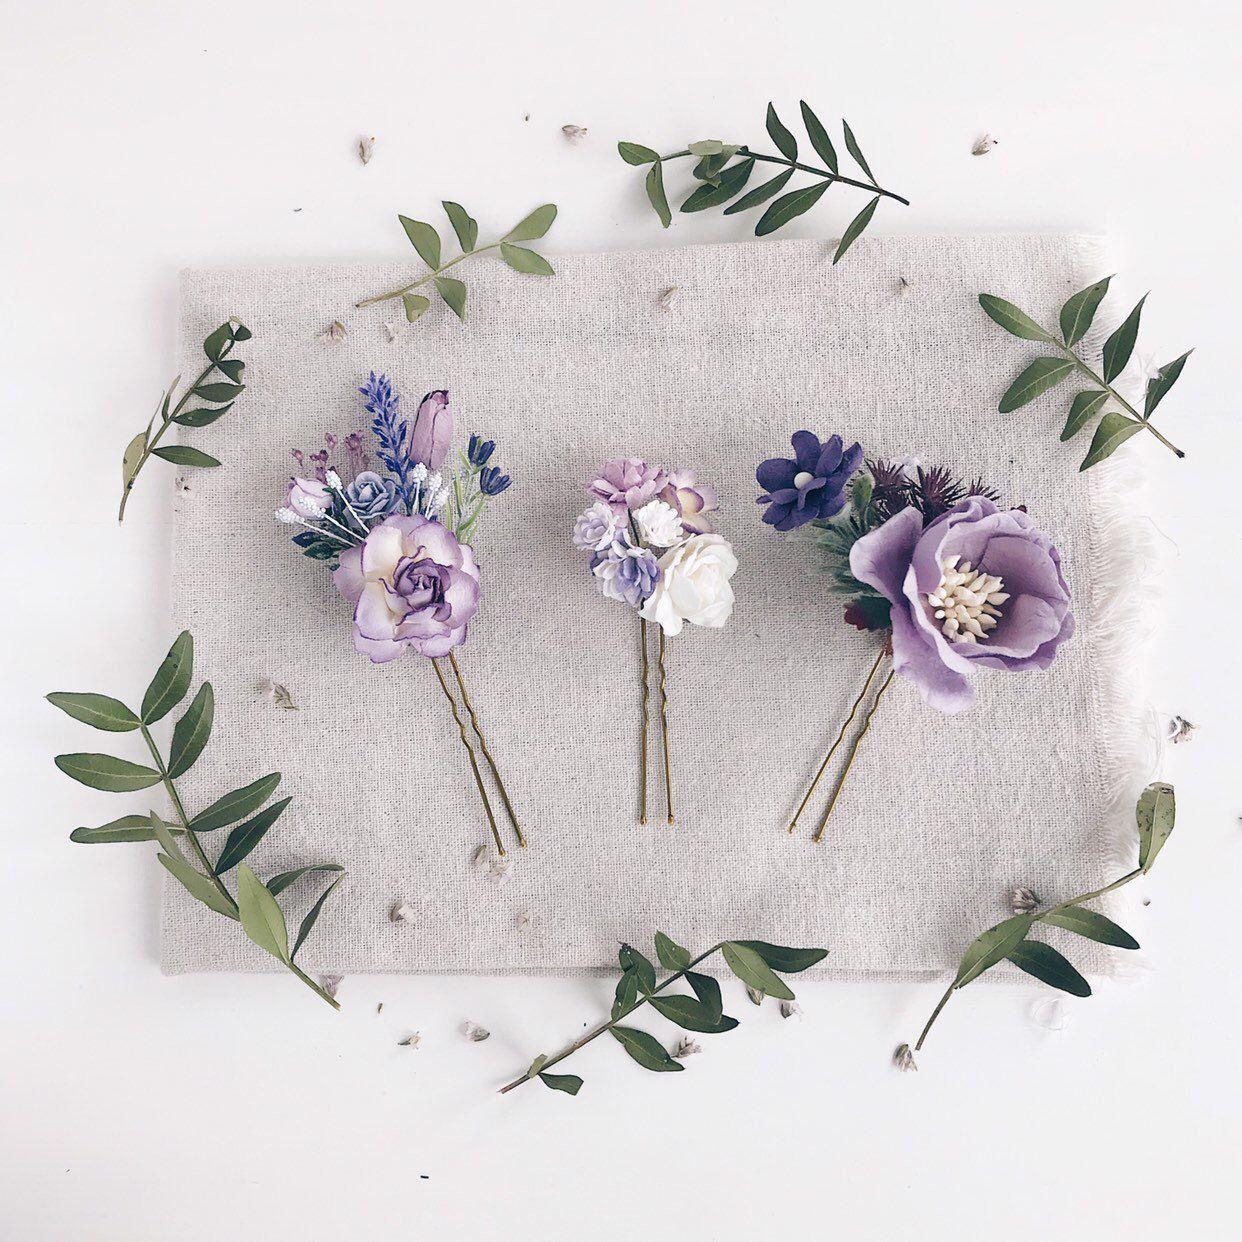 Flower Hair Pins Lavender Flower Hair Pins Rustic Flower Hair Clip Purple Wedding Hair Piece Bridal Flower Hair Pins Bridesmaids Gift Manualidades Accesorios De Joyeria Peinetas